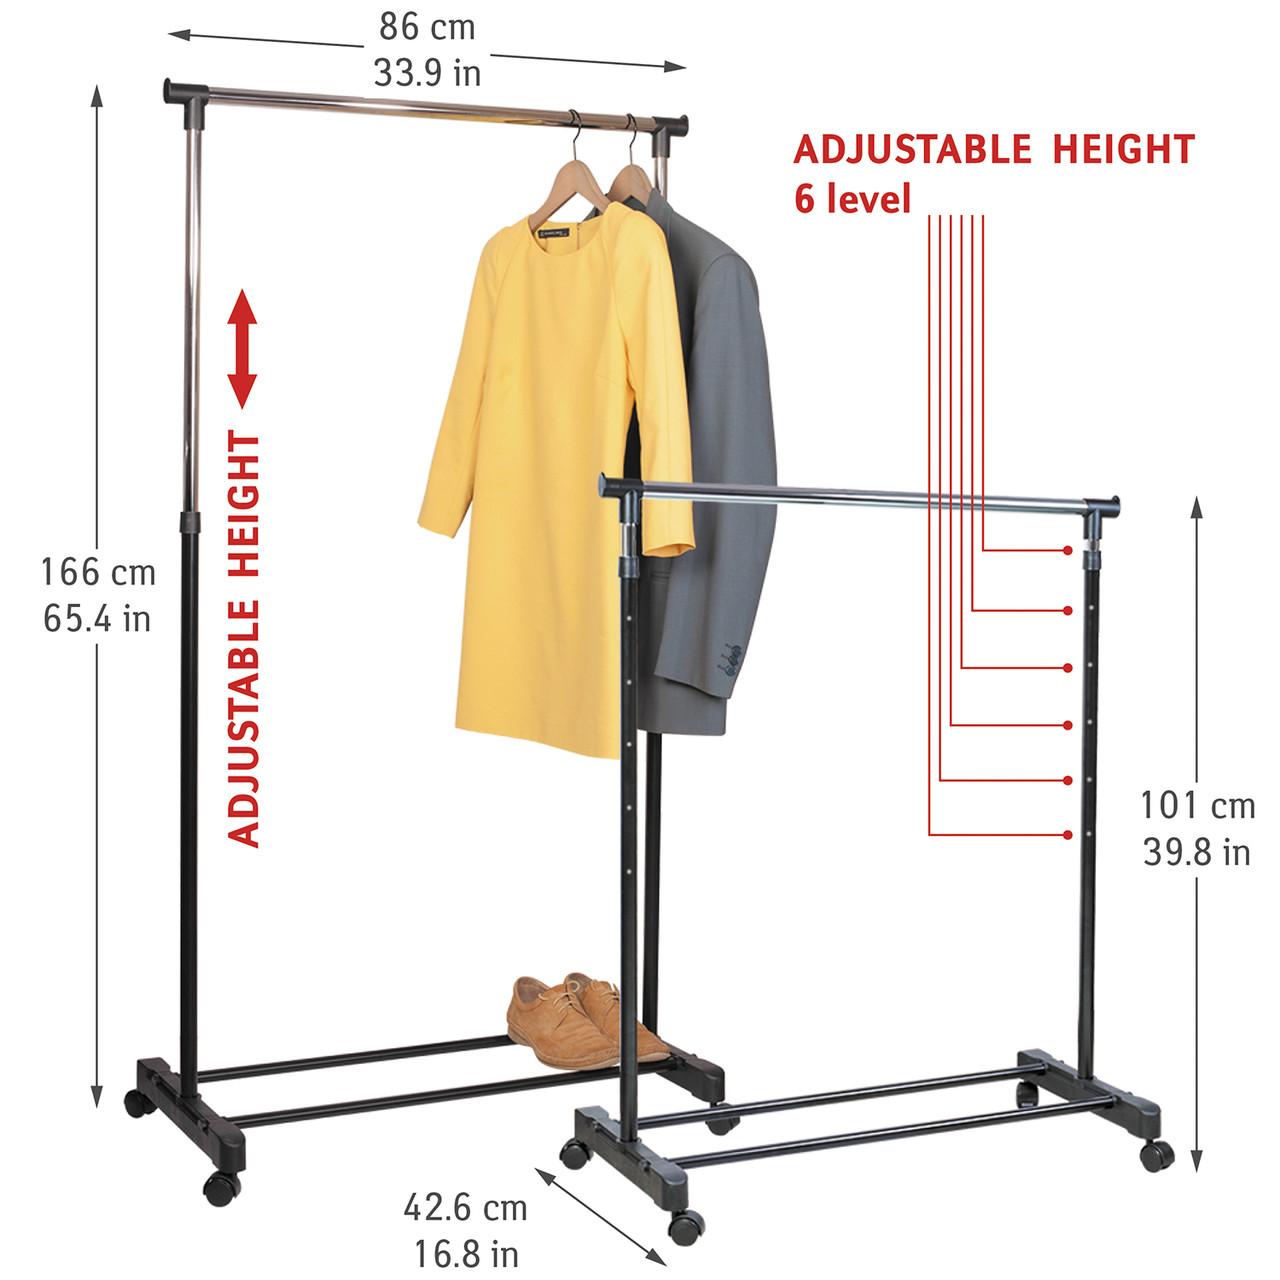 Стойка для одежды Tatkraft Mercury на колёсиках из хромированной стали 86×101-166×42.5 см (13001)